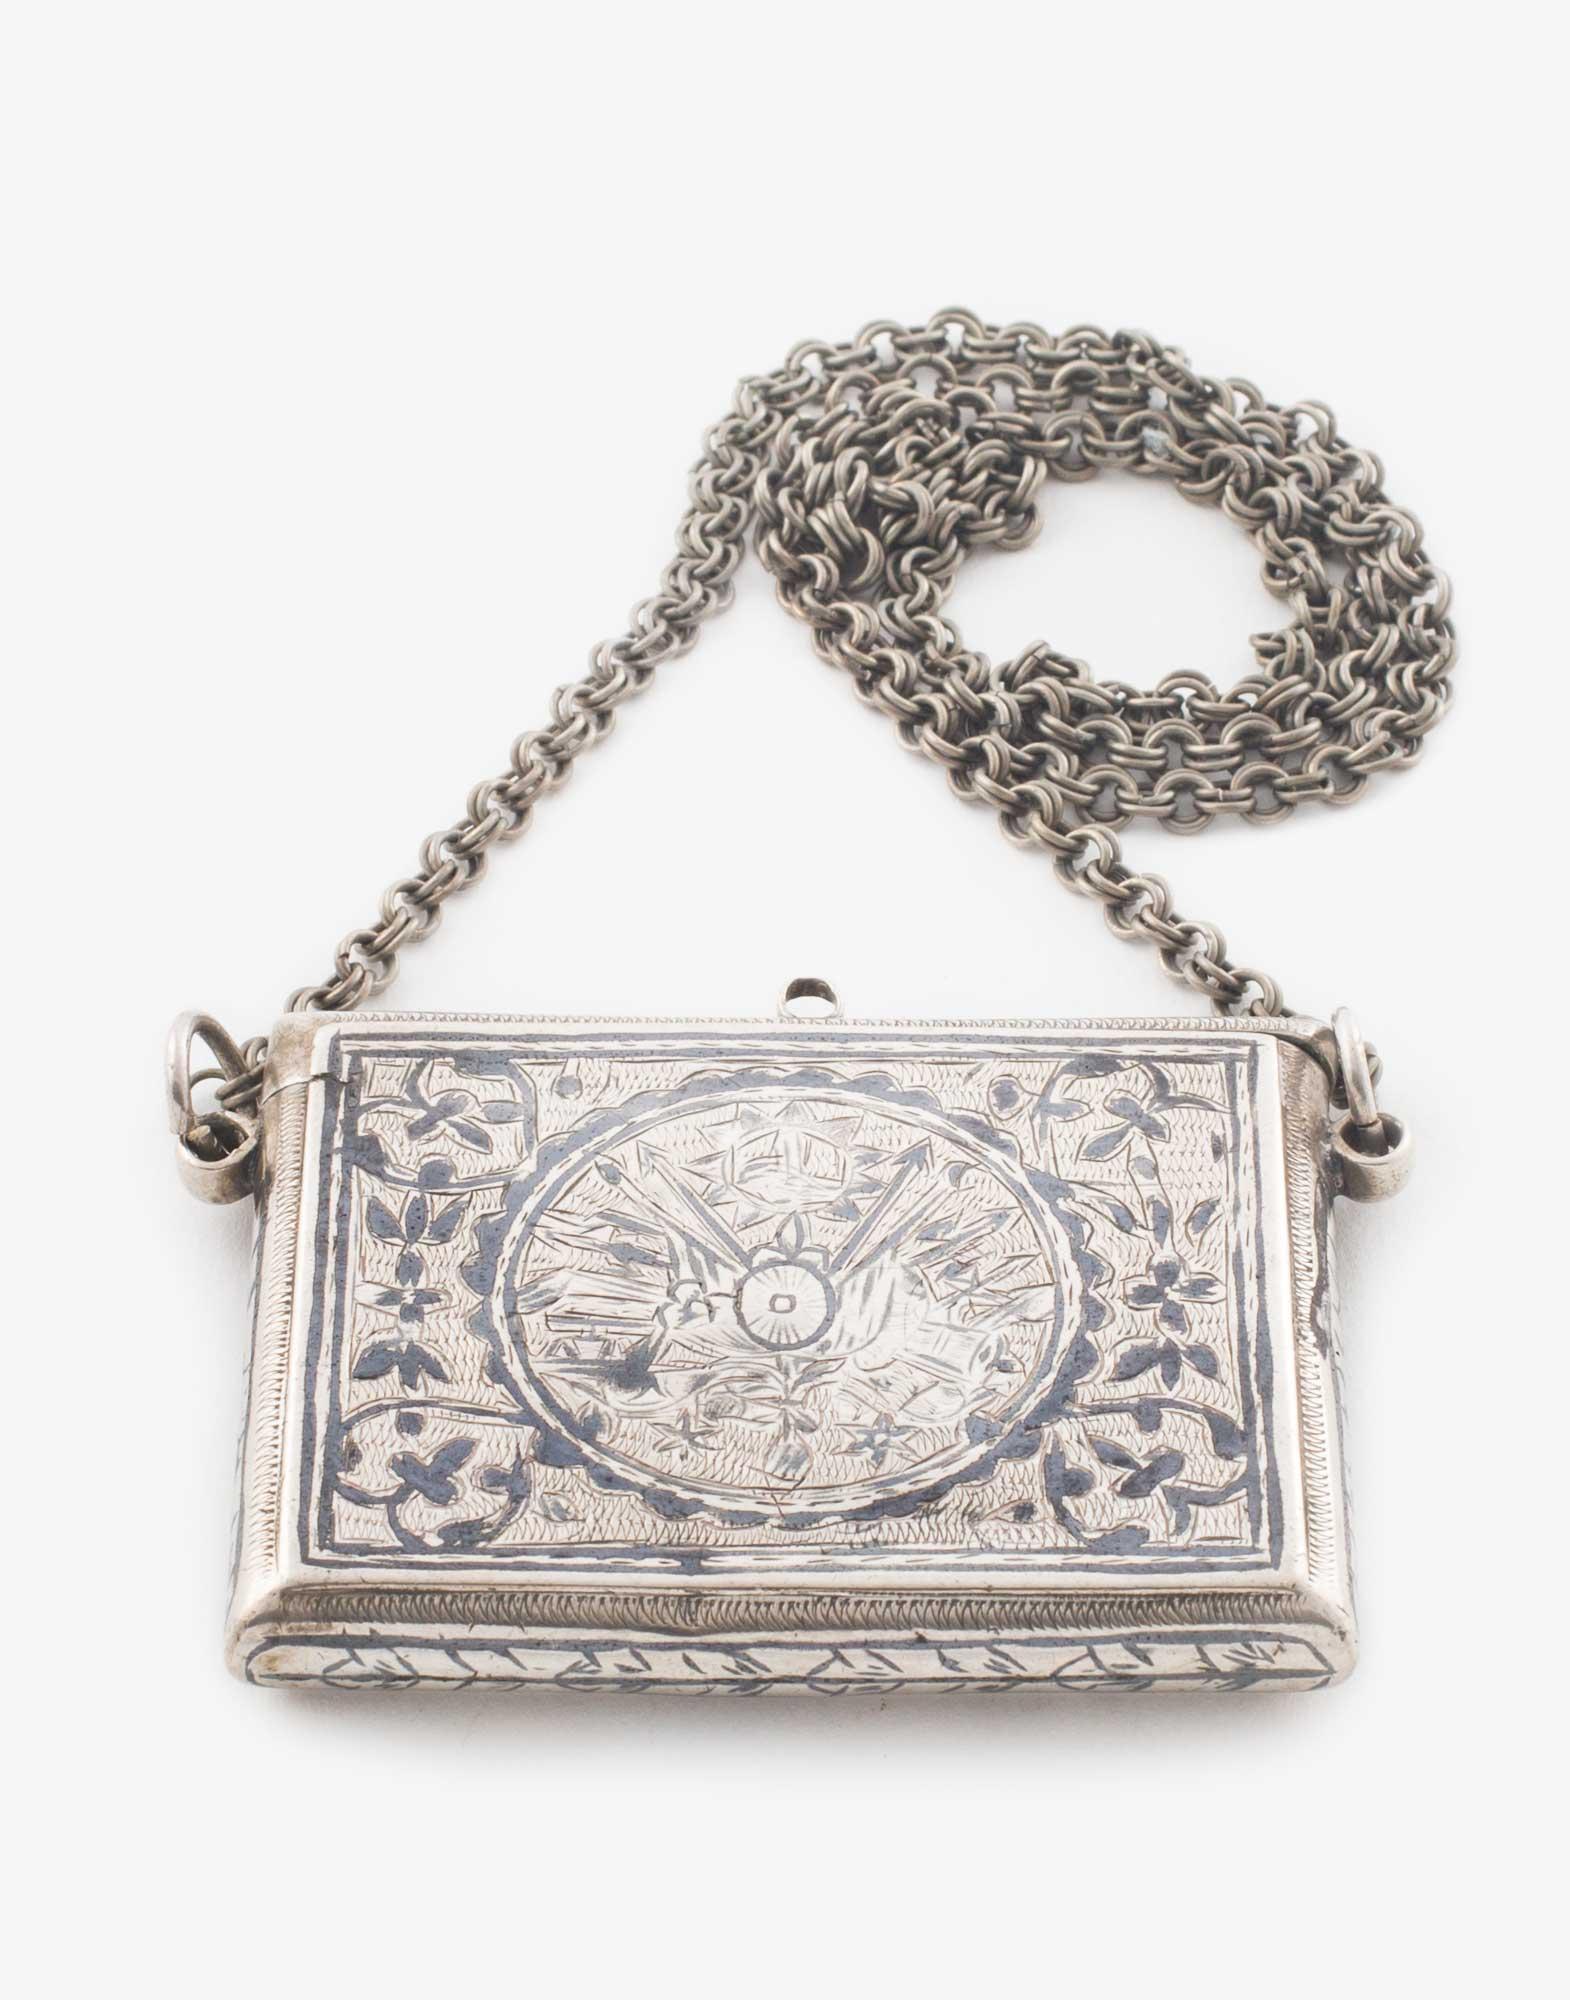 Antique Ottoman Silver Amulets